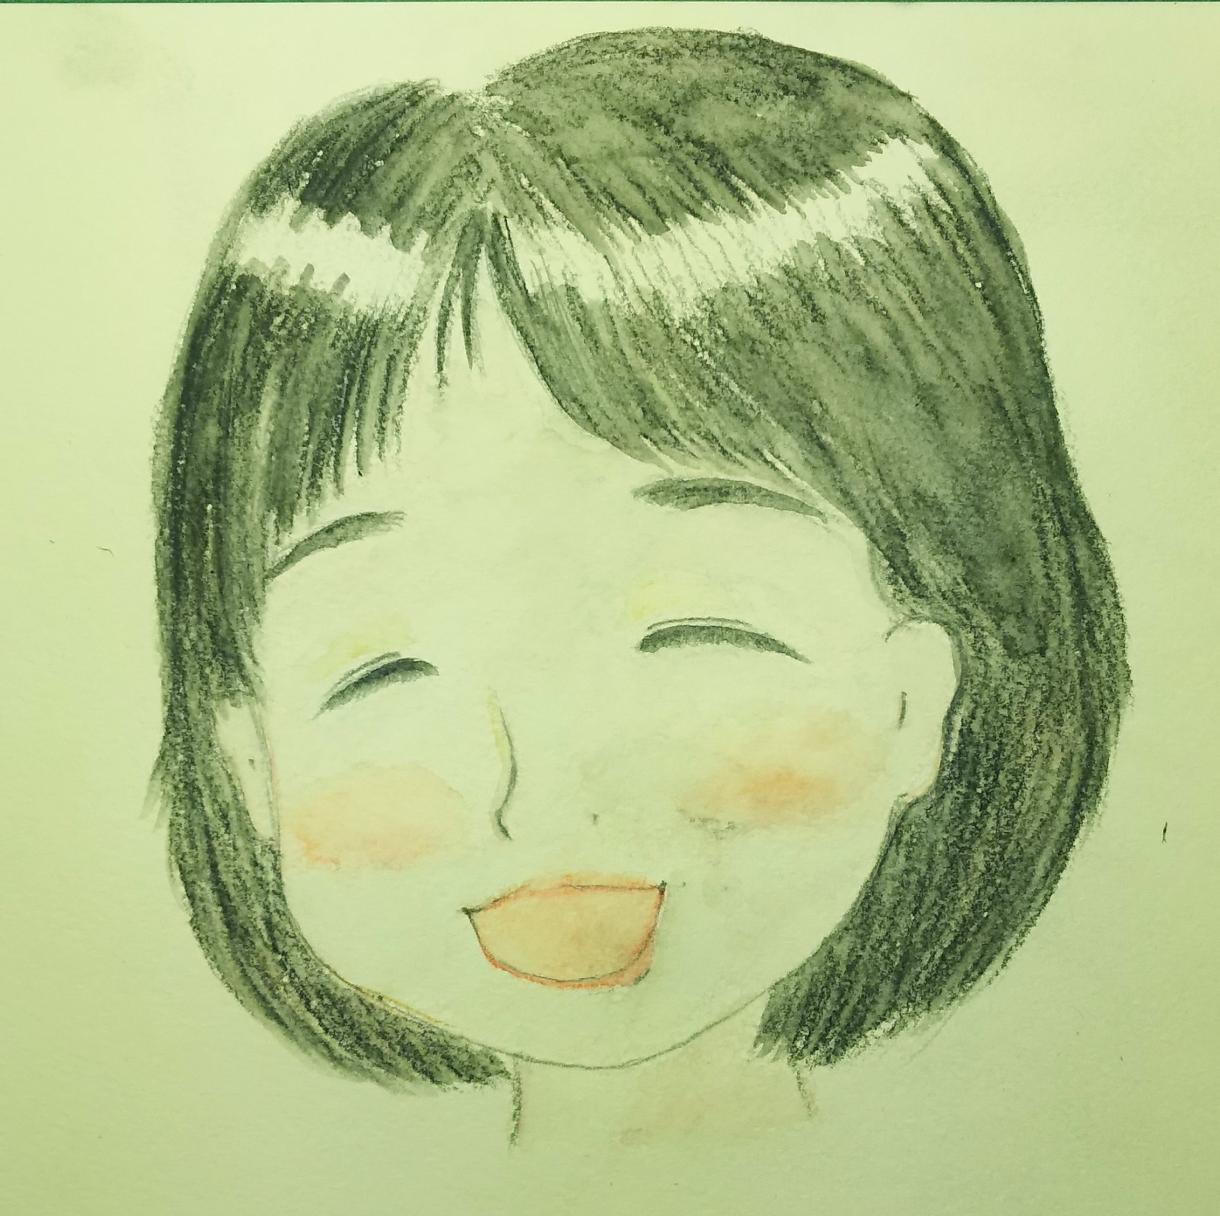 絵本のような優しい似顔絵お描きします 見て心が暖まるような笑顔をあなたへ